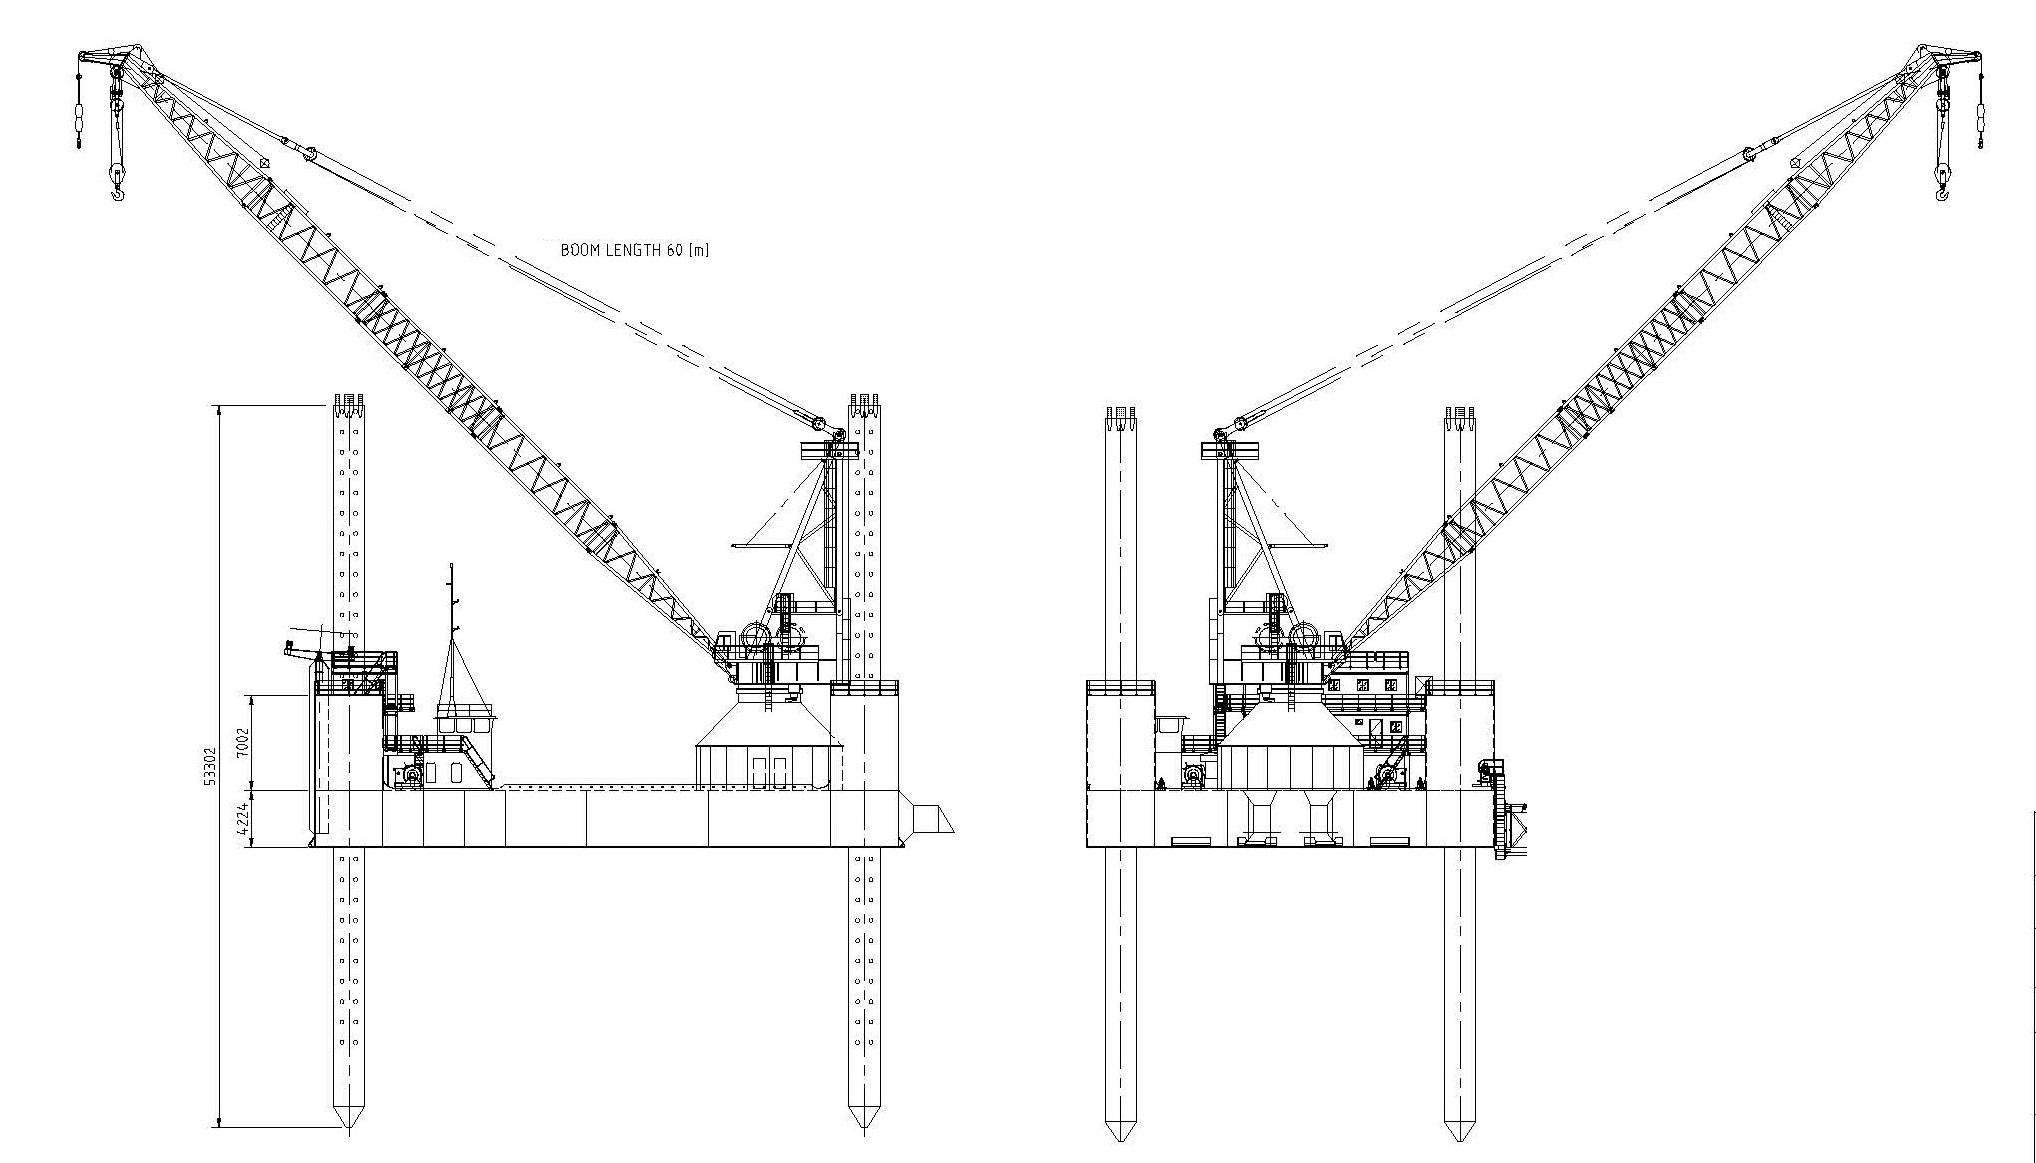 Jack Up Barge 250 Ton Pedestal Crane